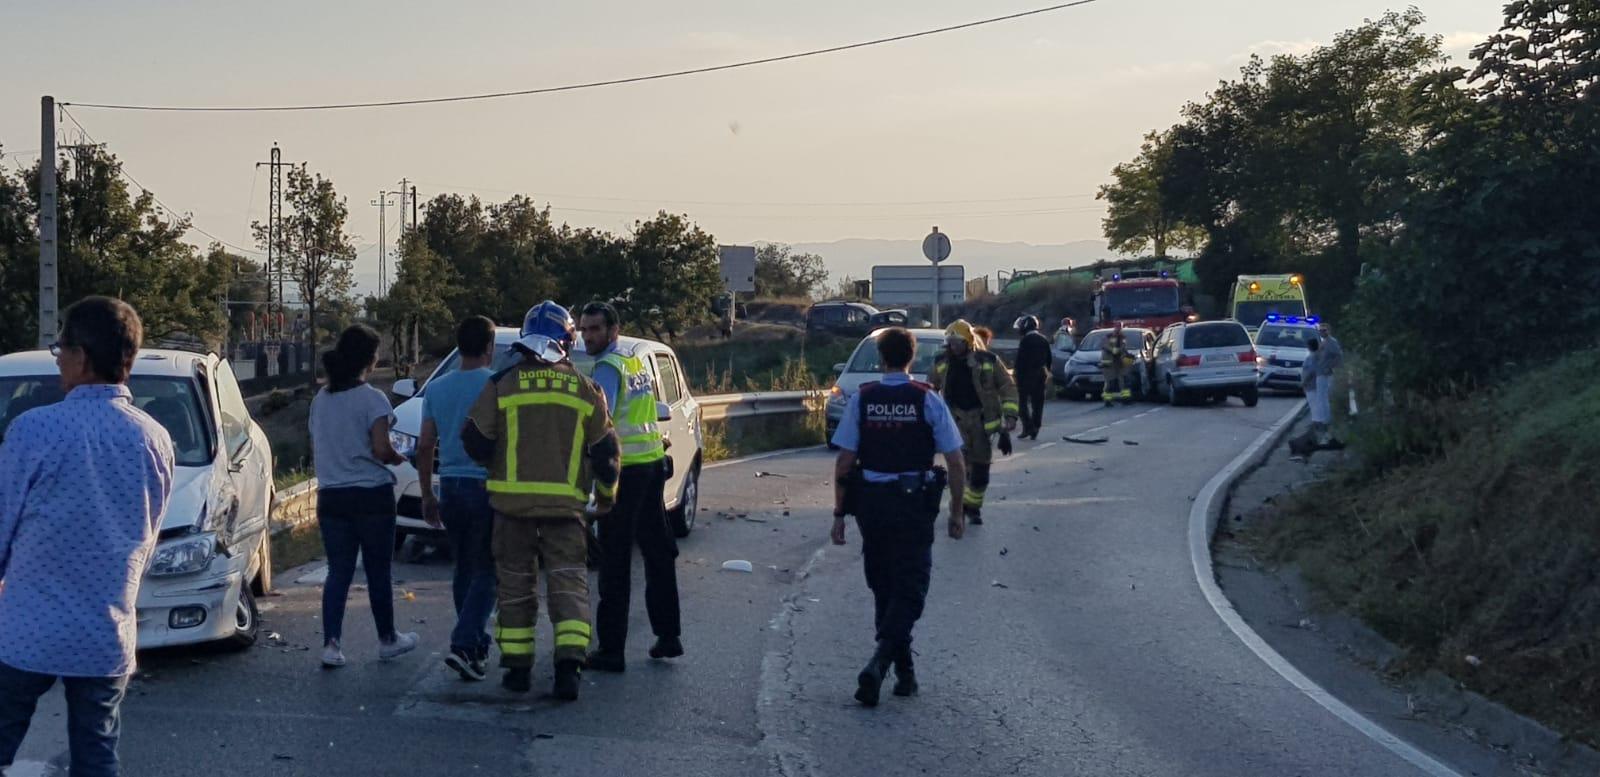 Els serveis d'emergències treballant al lloc de l'accident